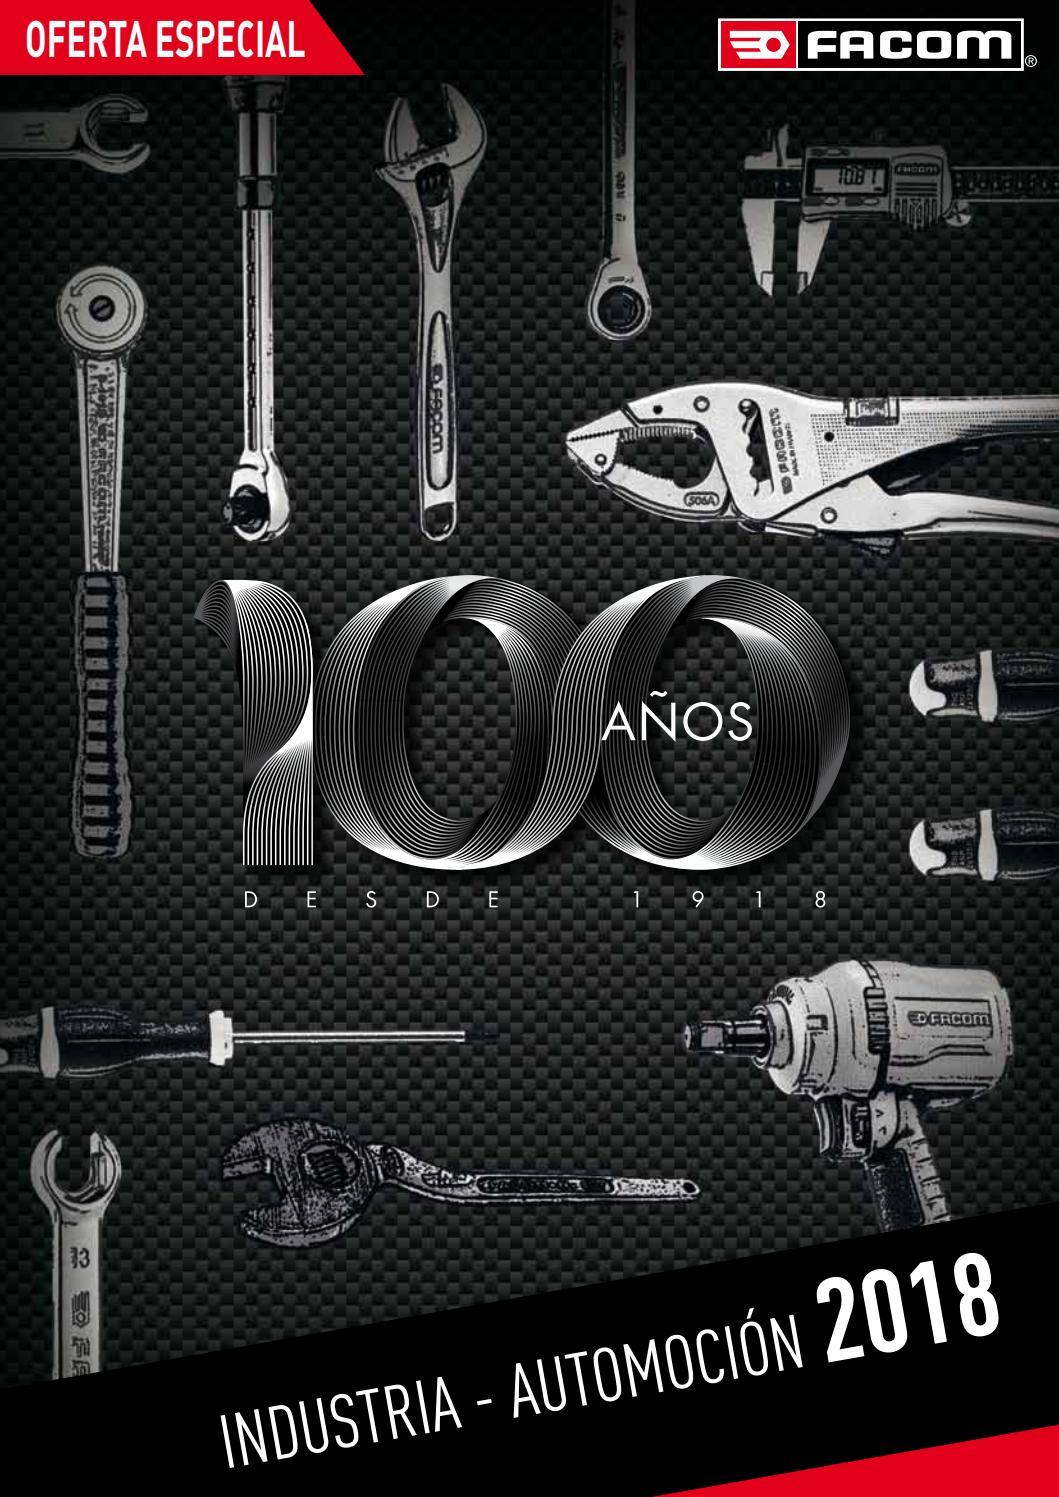 Folleto ofertas facom 2018 es by Ruben Morcillo - issuu 305942cae22c